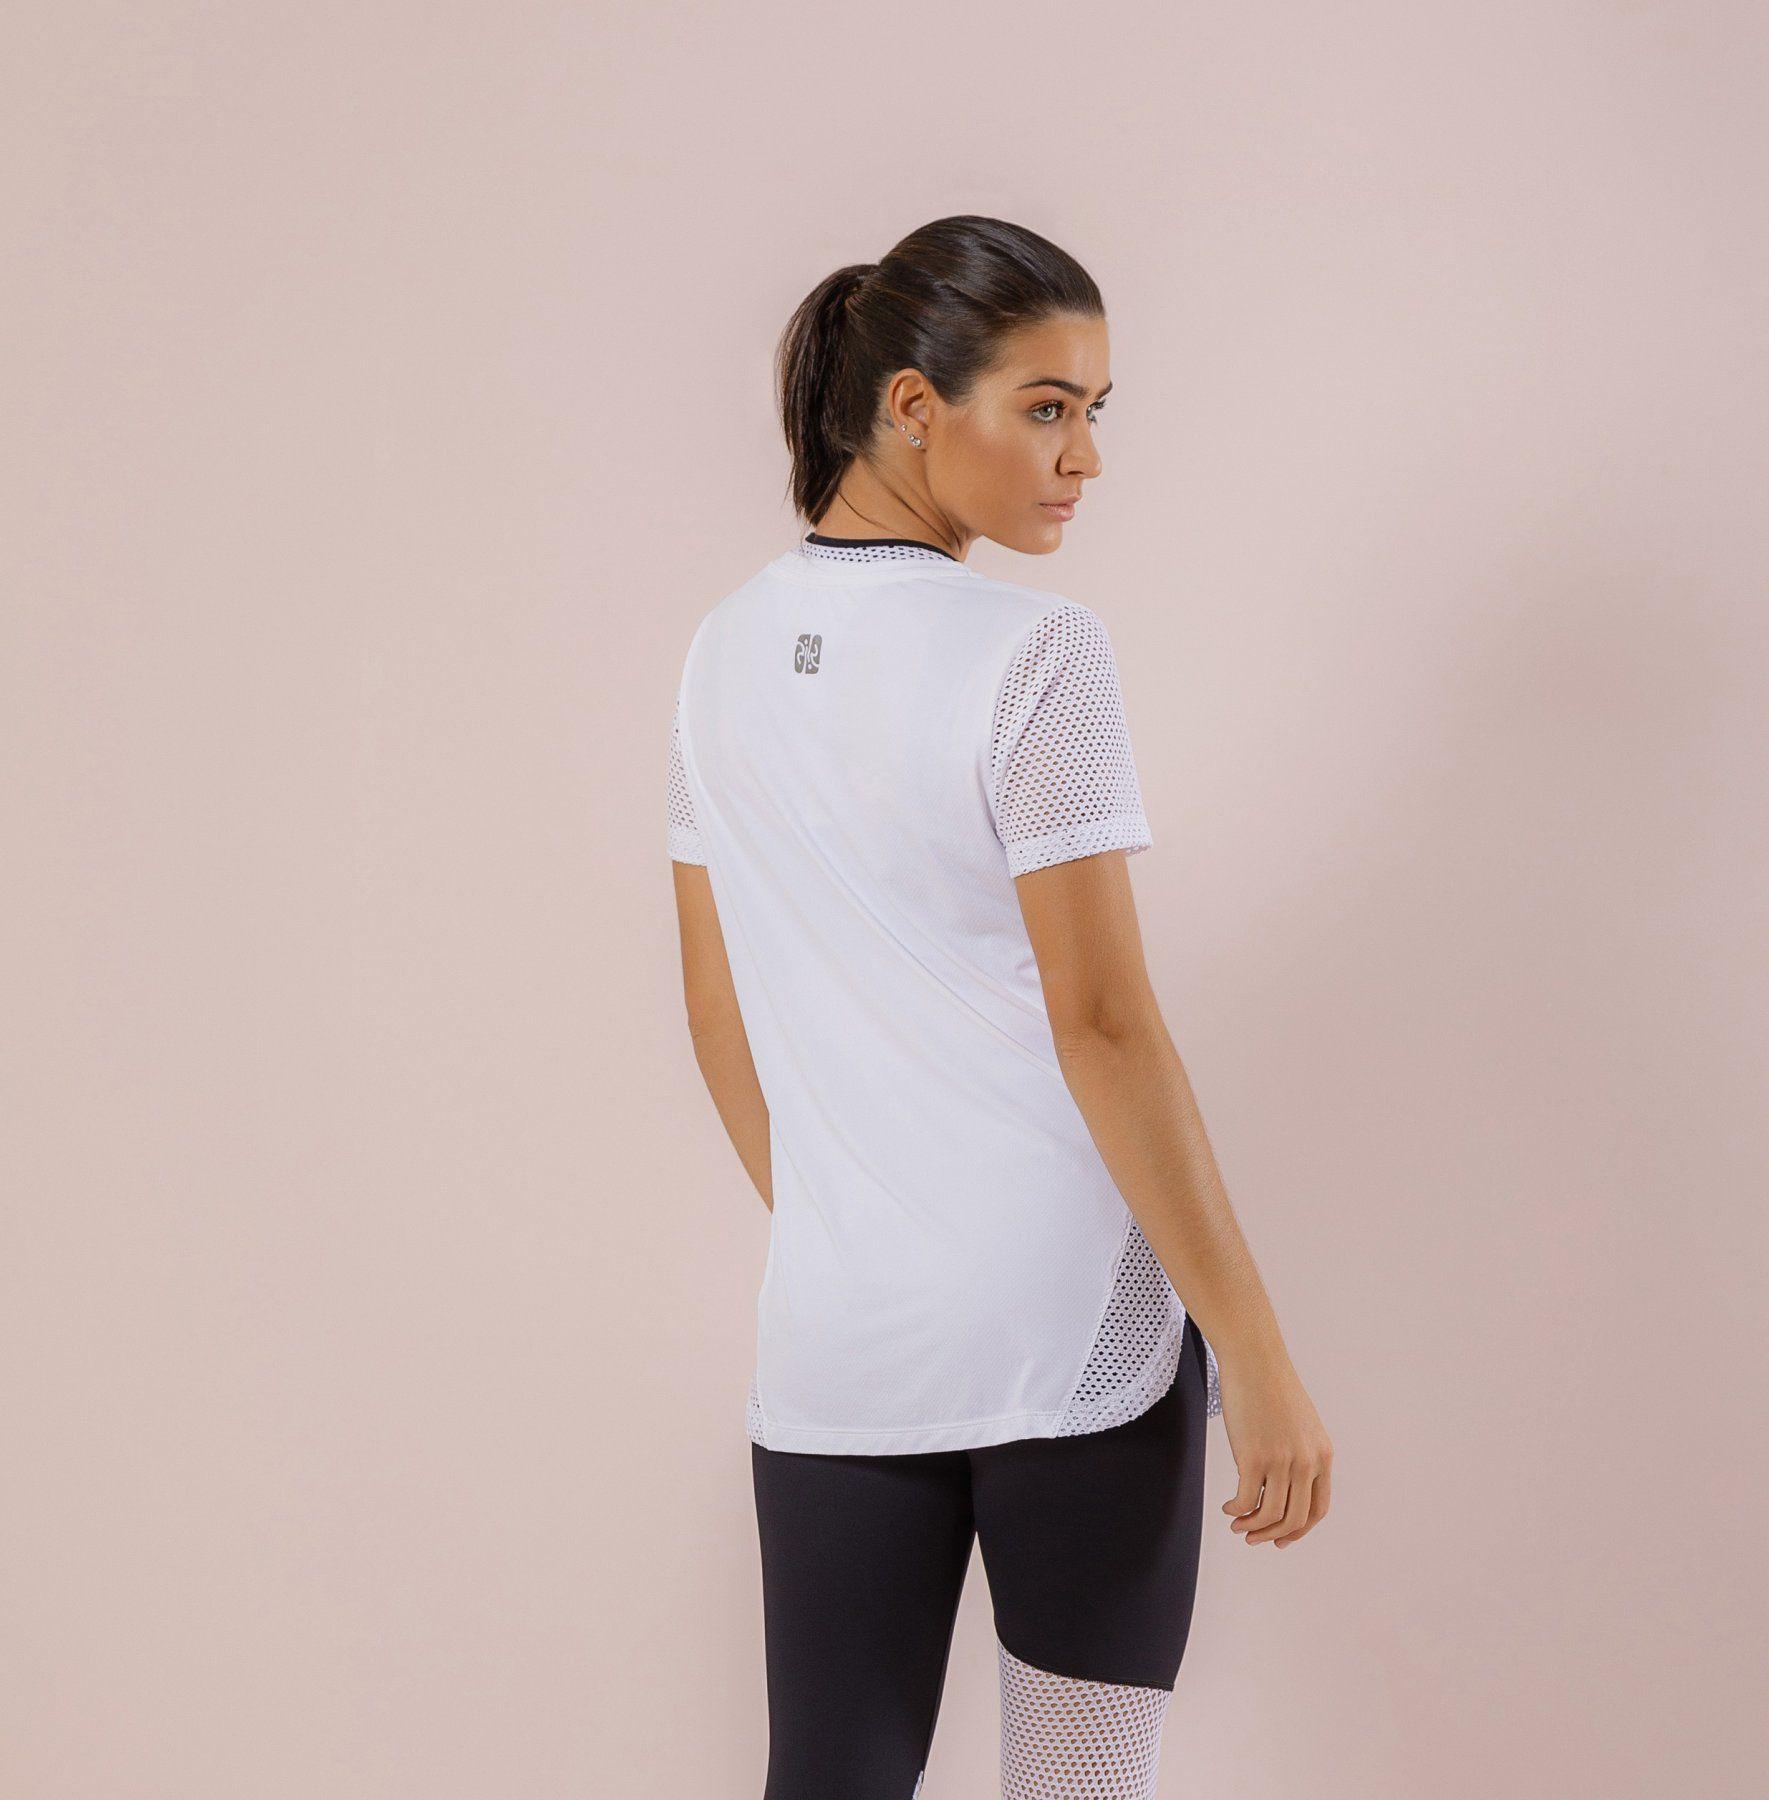 T-shirt Ultracool Tela